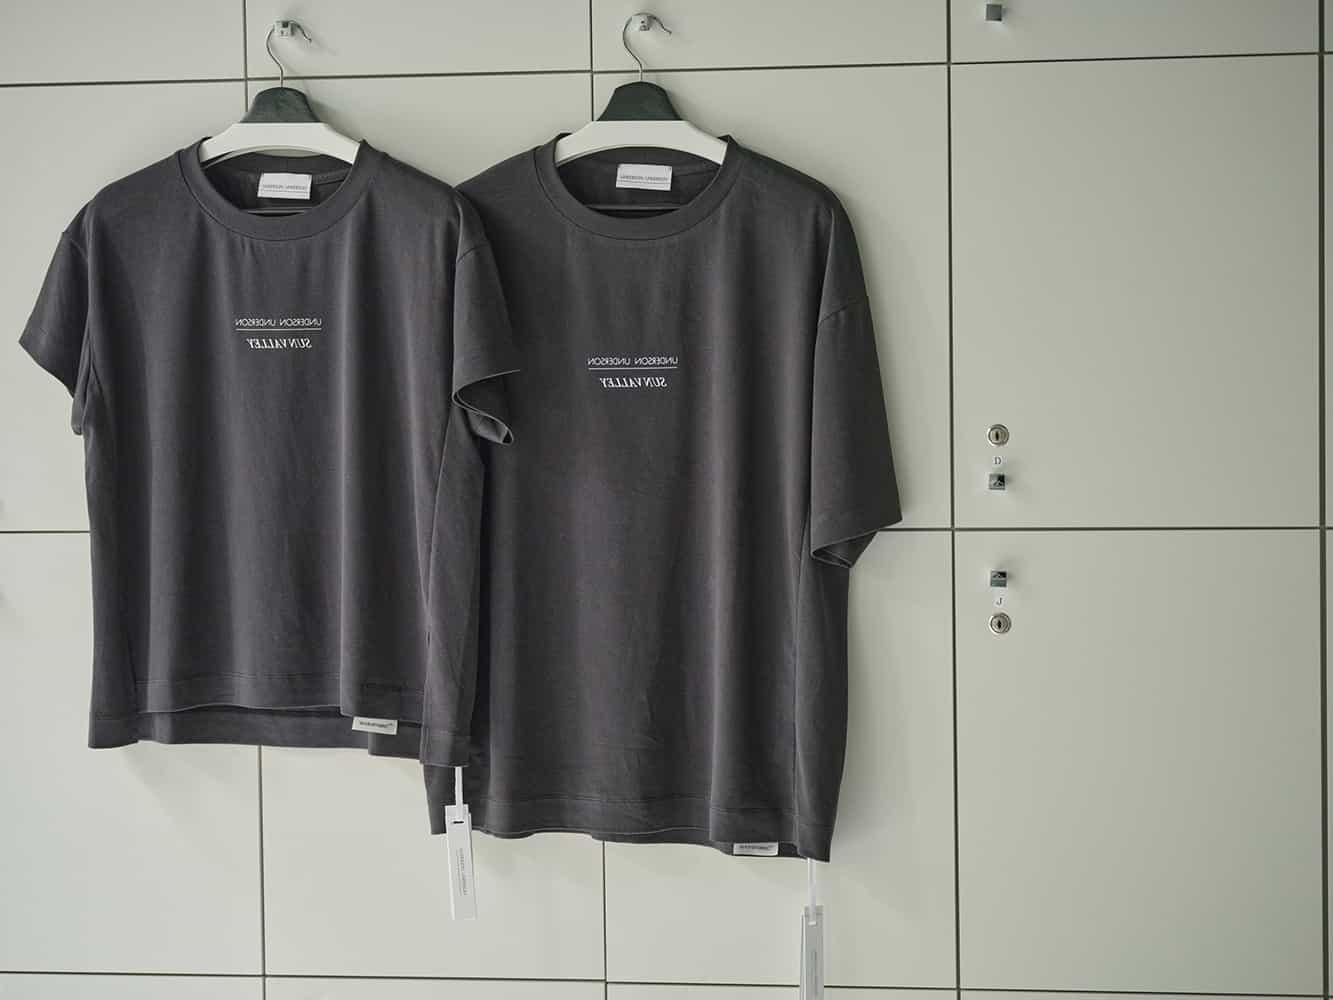 UNDERSON UNDERSON✕SUNVALLEY コラボTシャツ